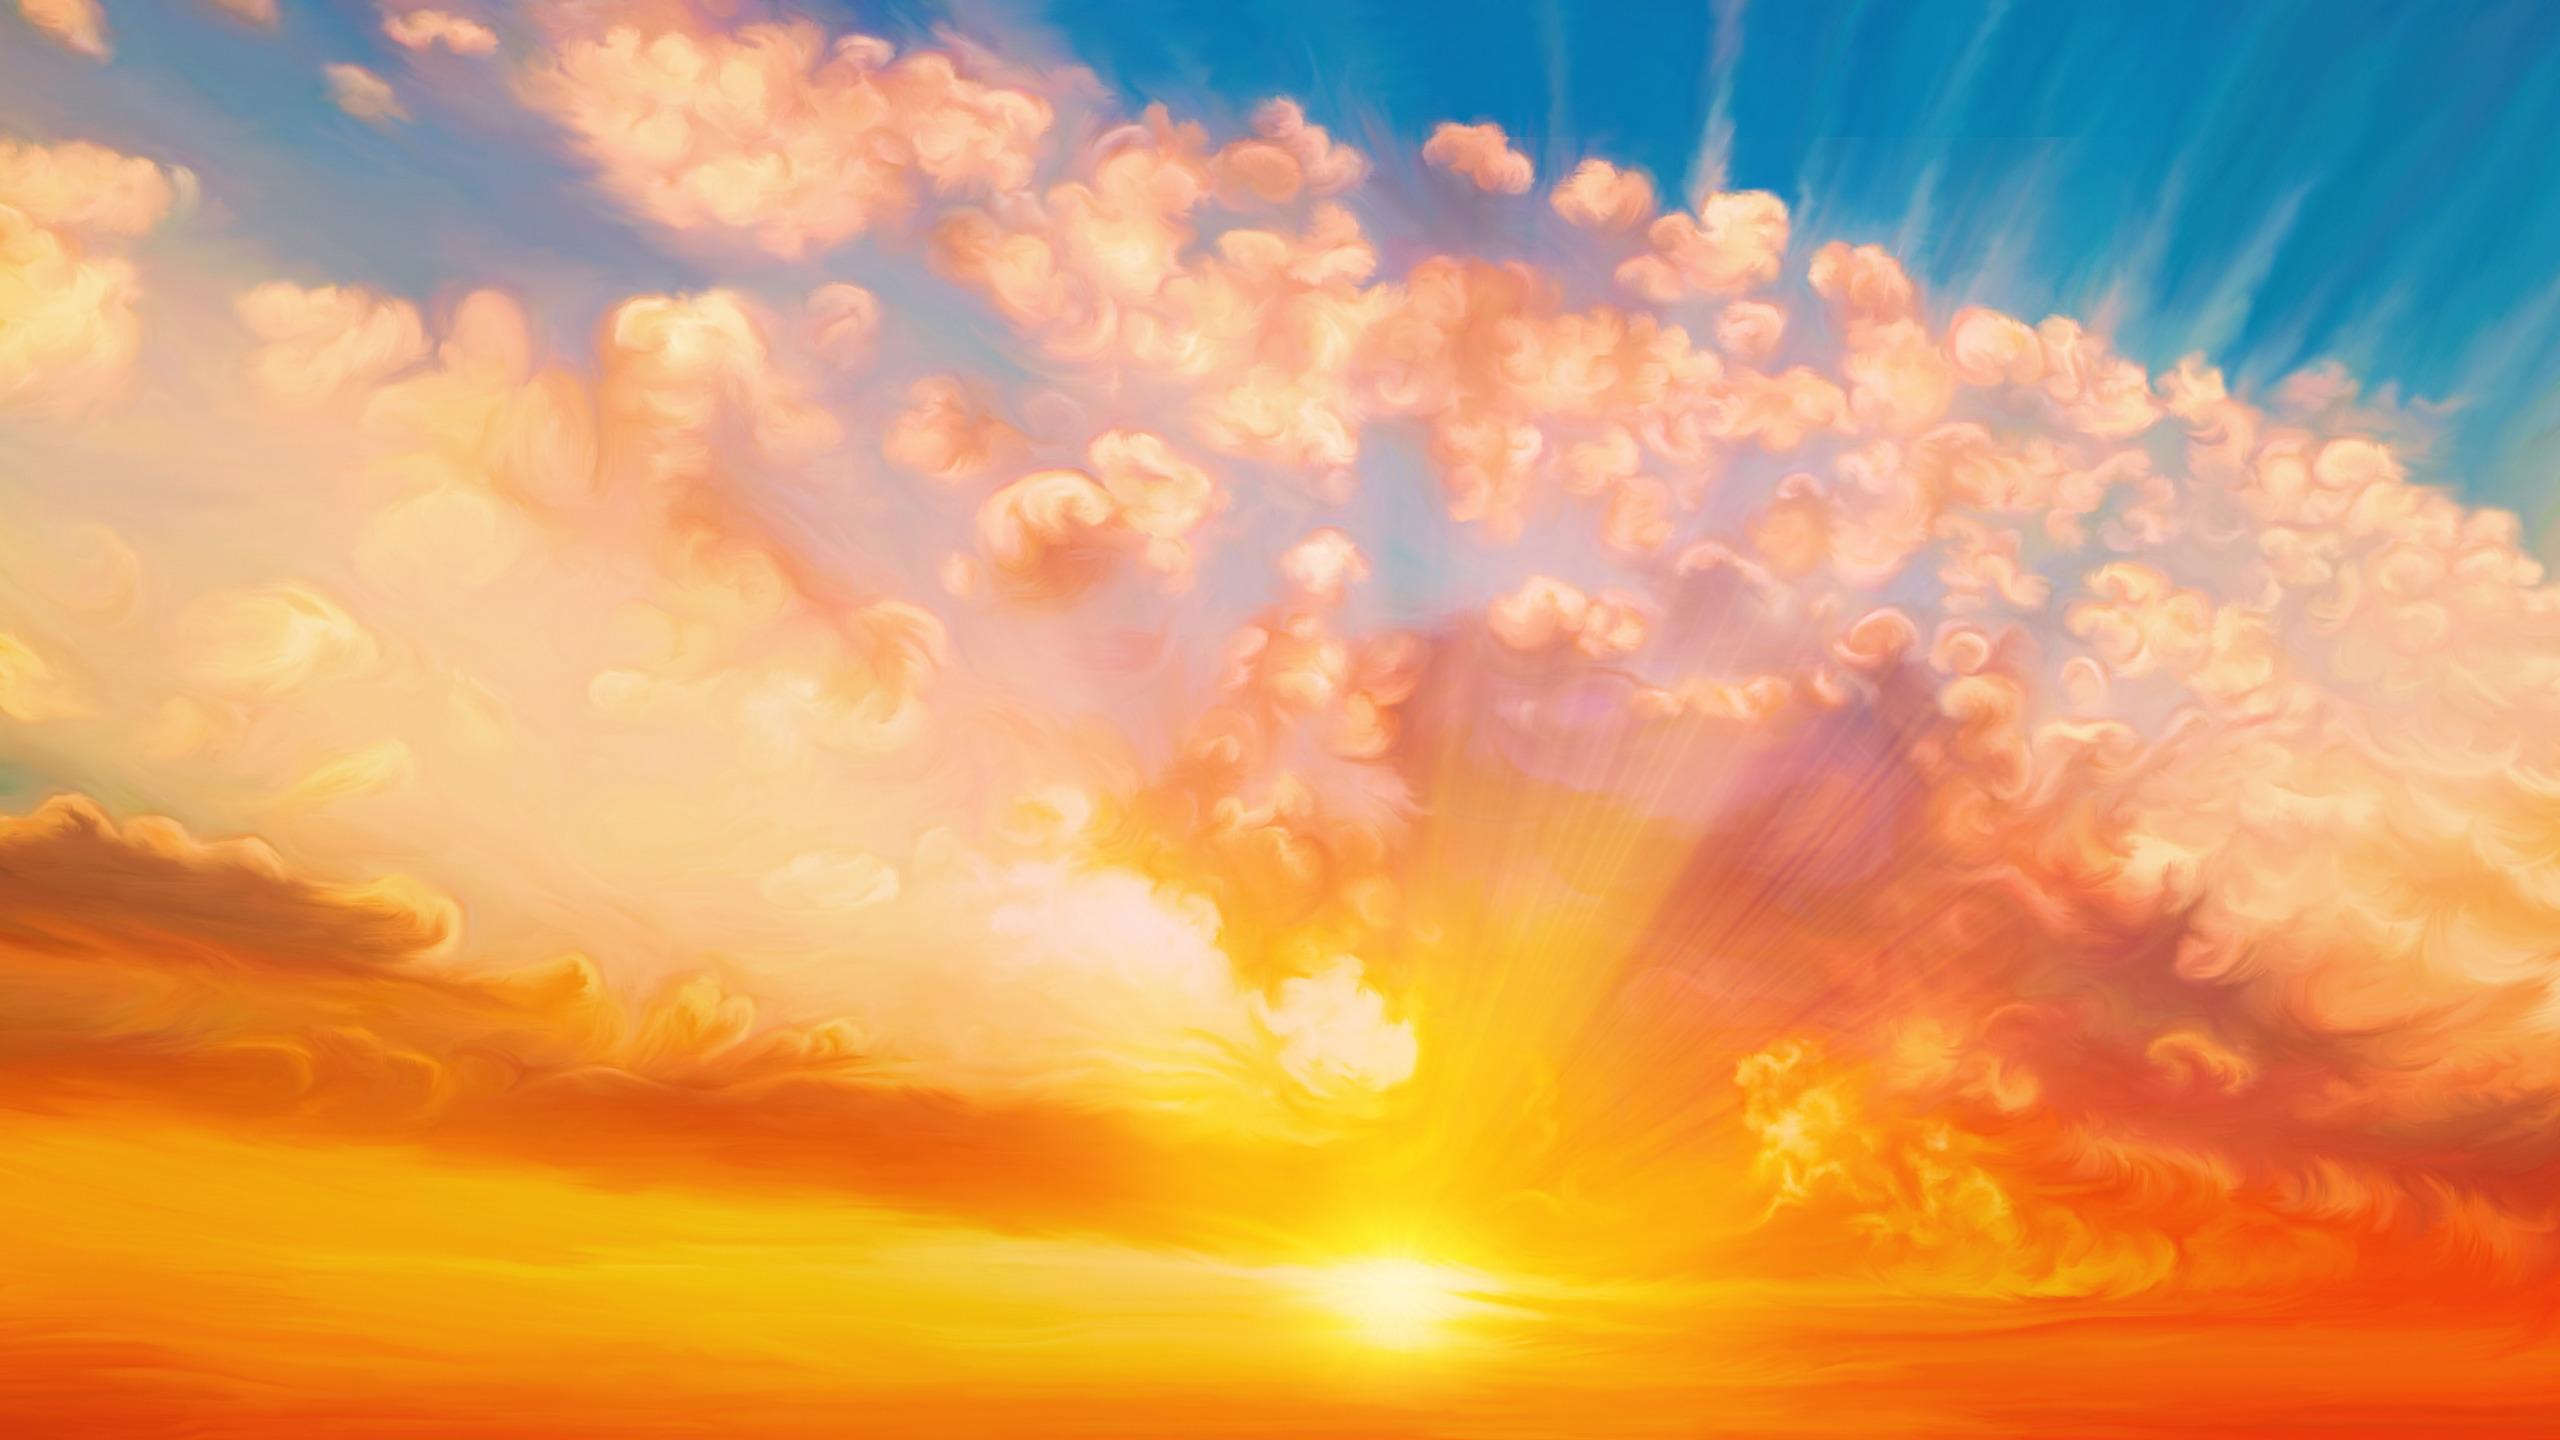 картинки яркое солнце в небеса дорогостоящий материал